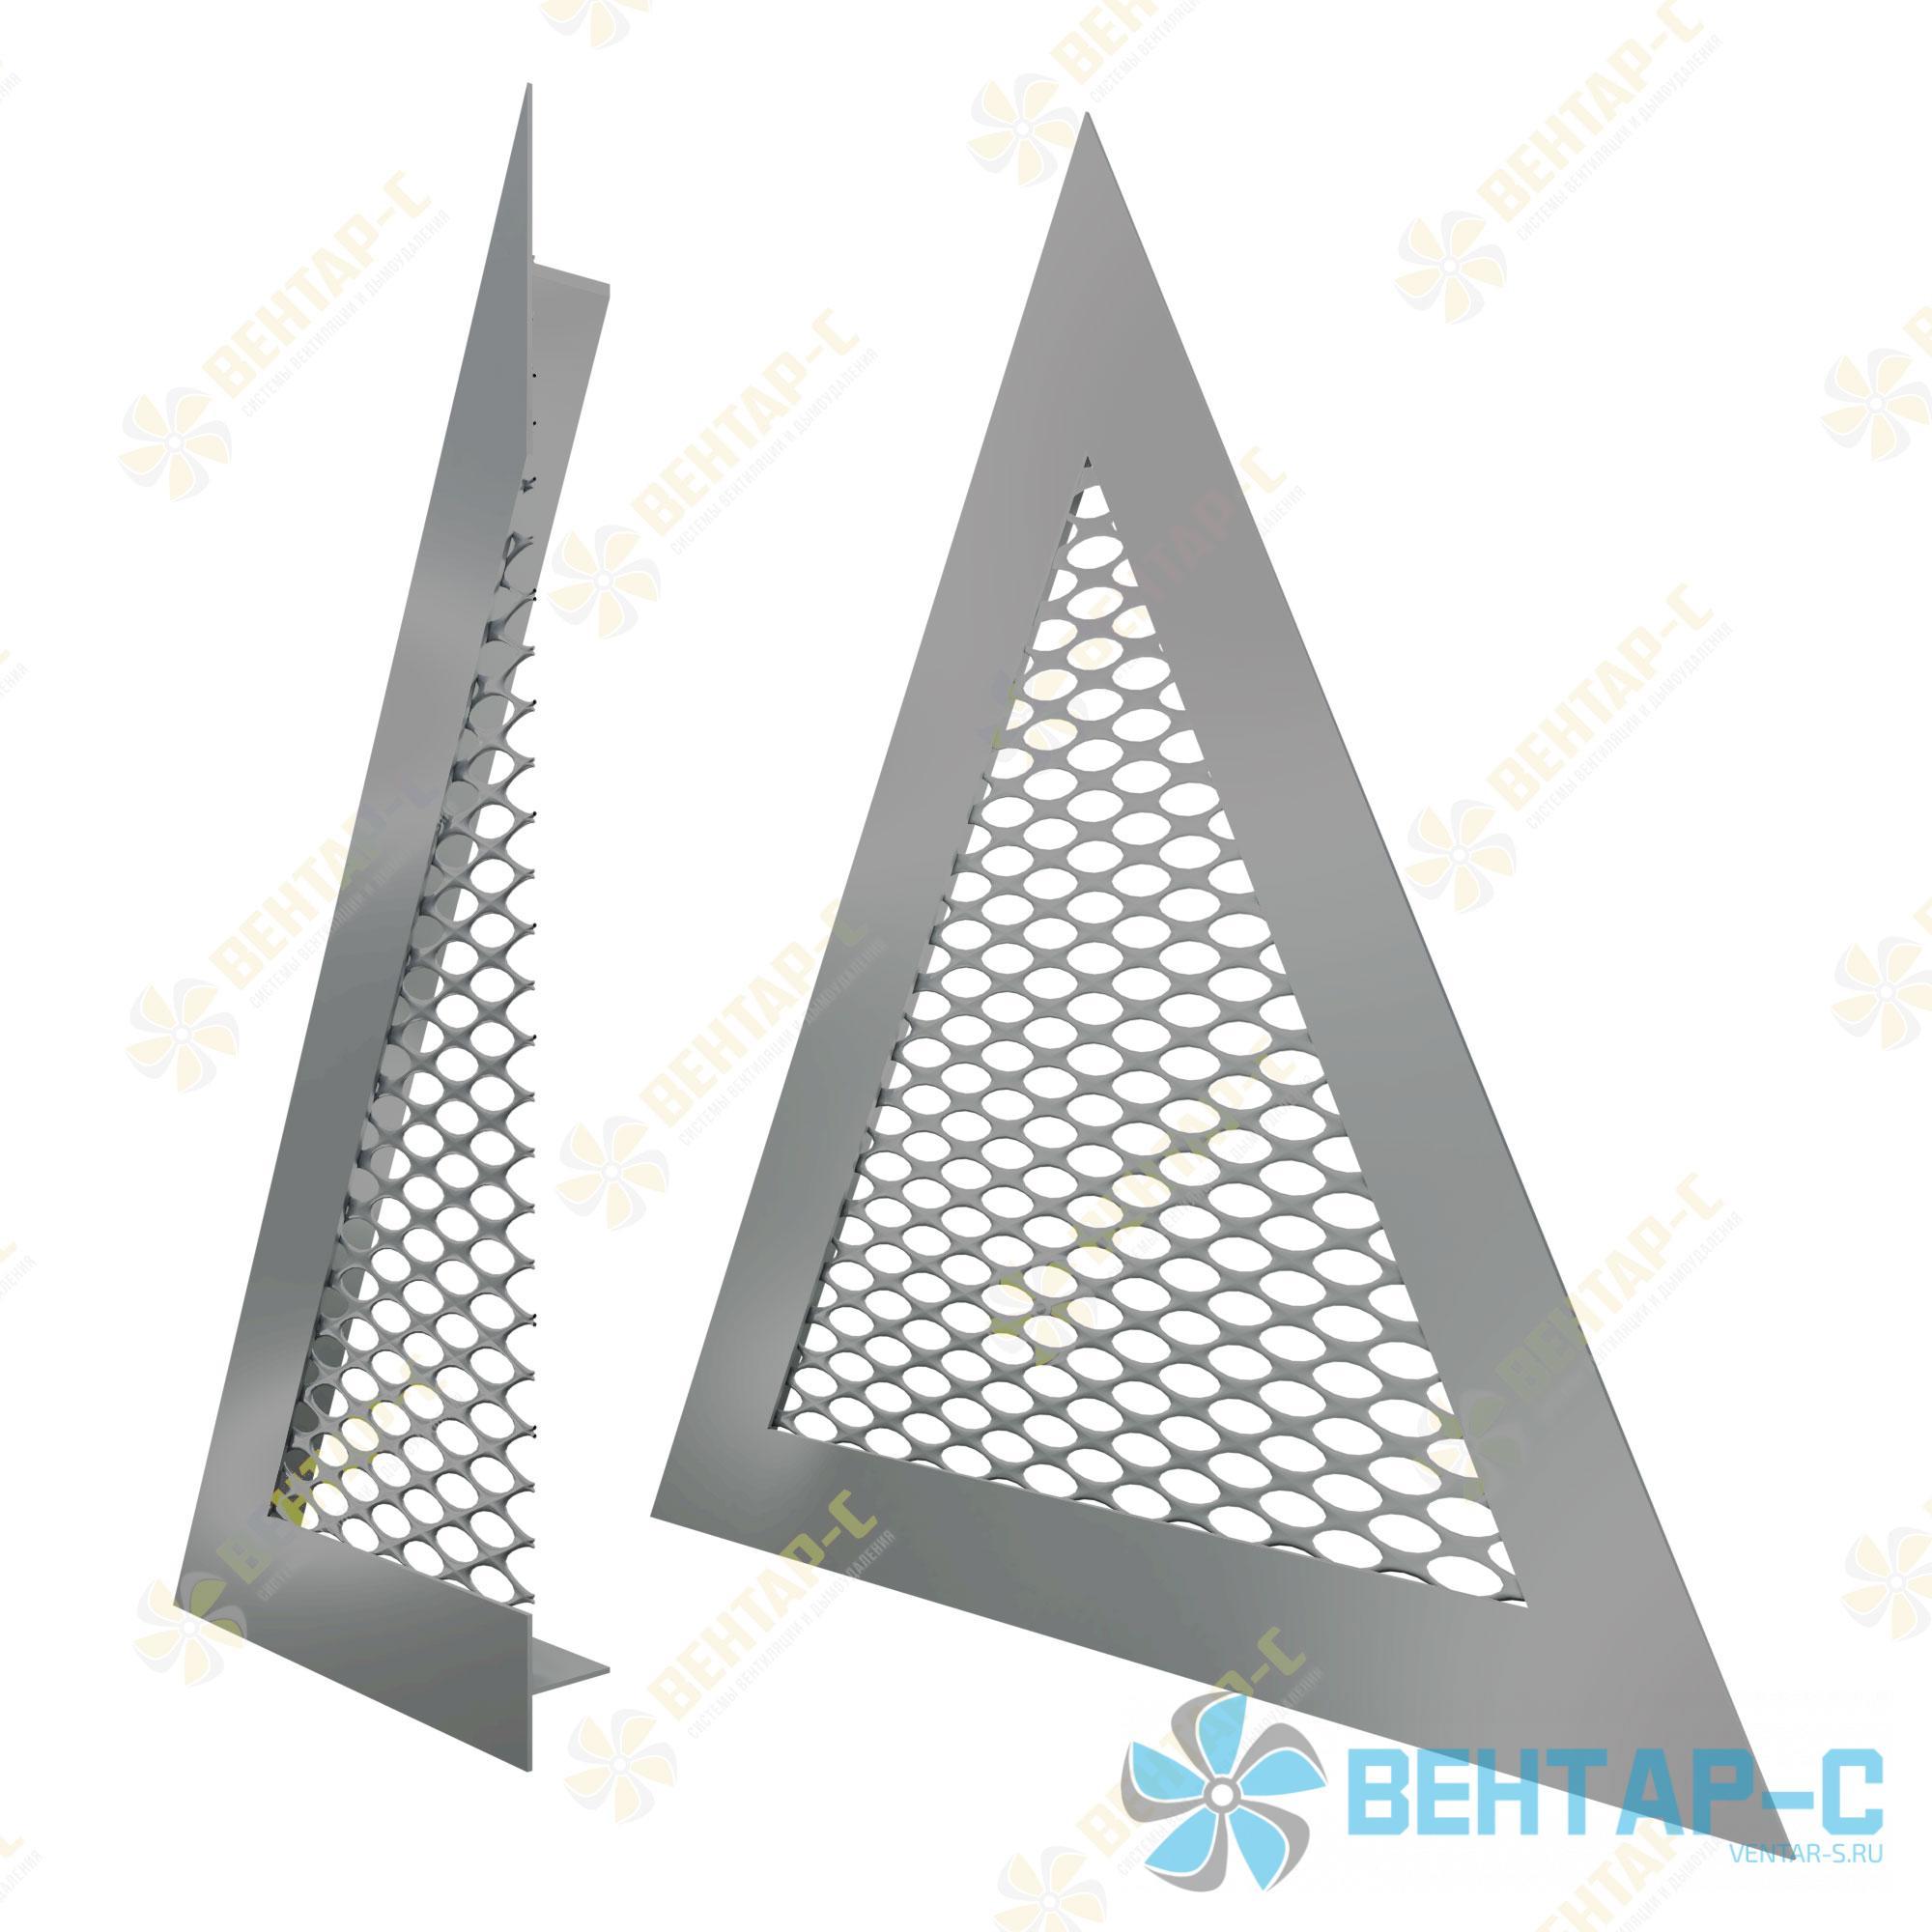 Сетчатая треугольная вентиляционная решетка РСТ